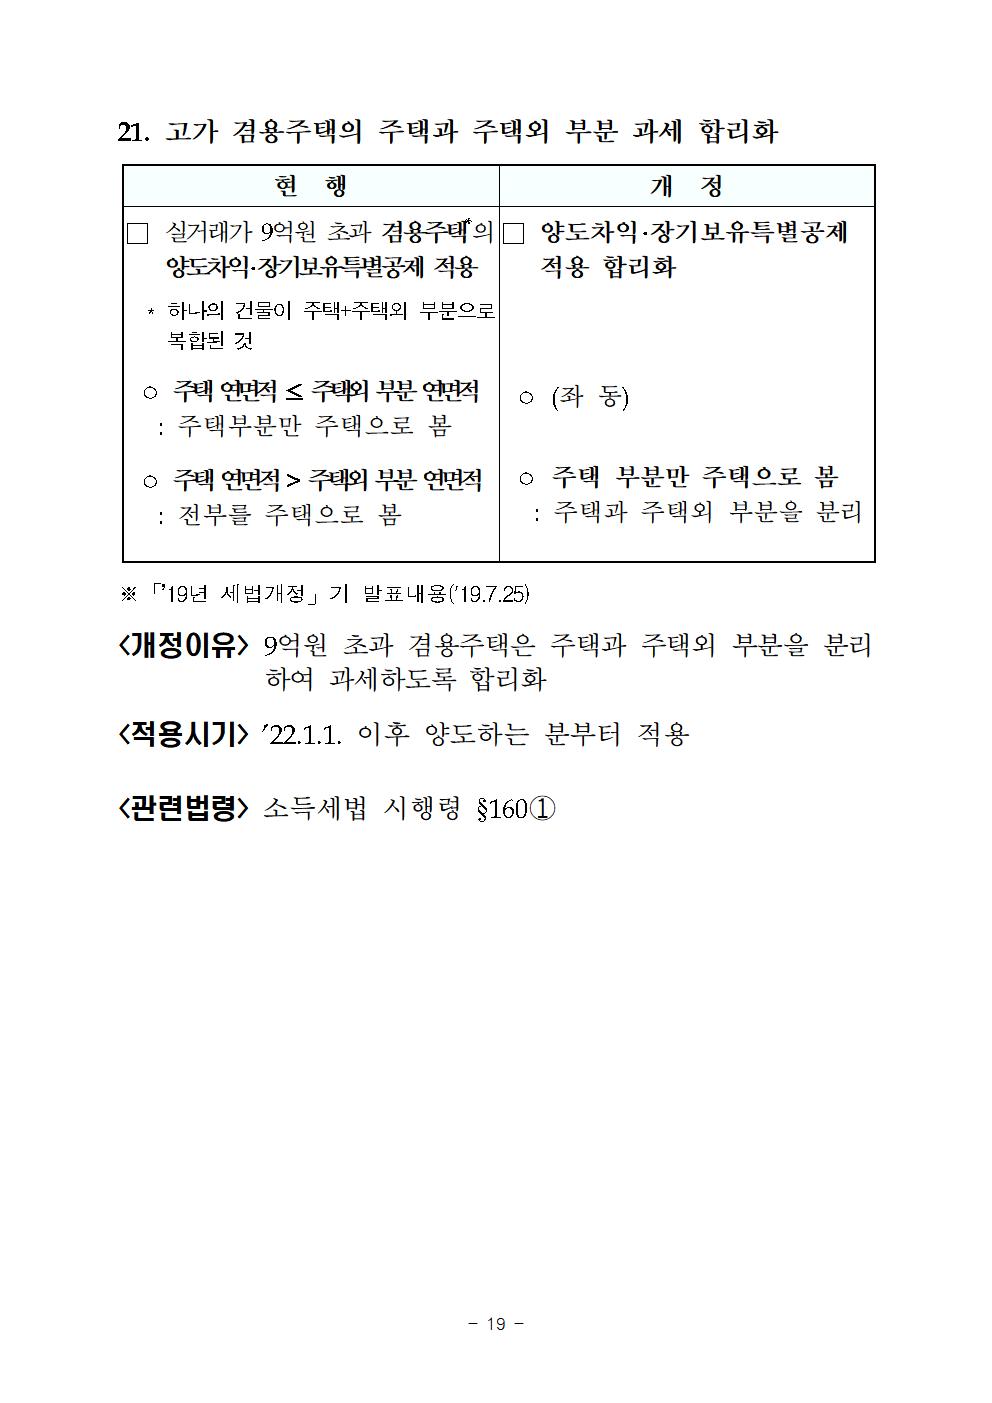 2019년세법개정내용(양도소득세분야)024.png